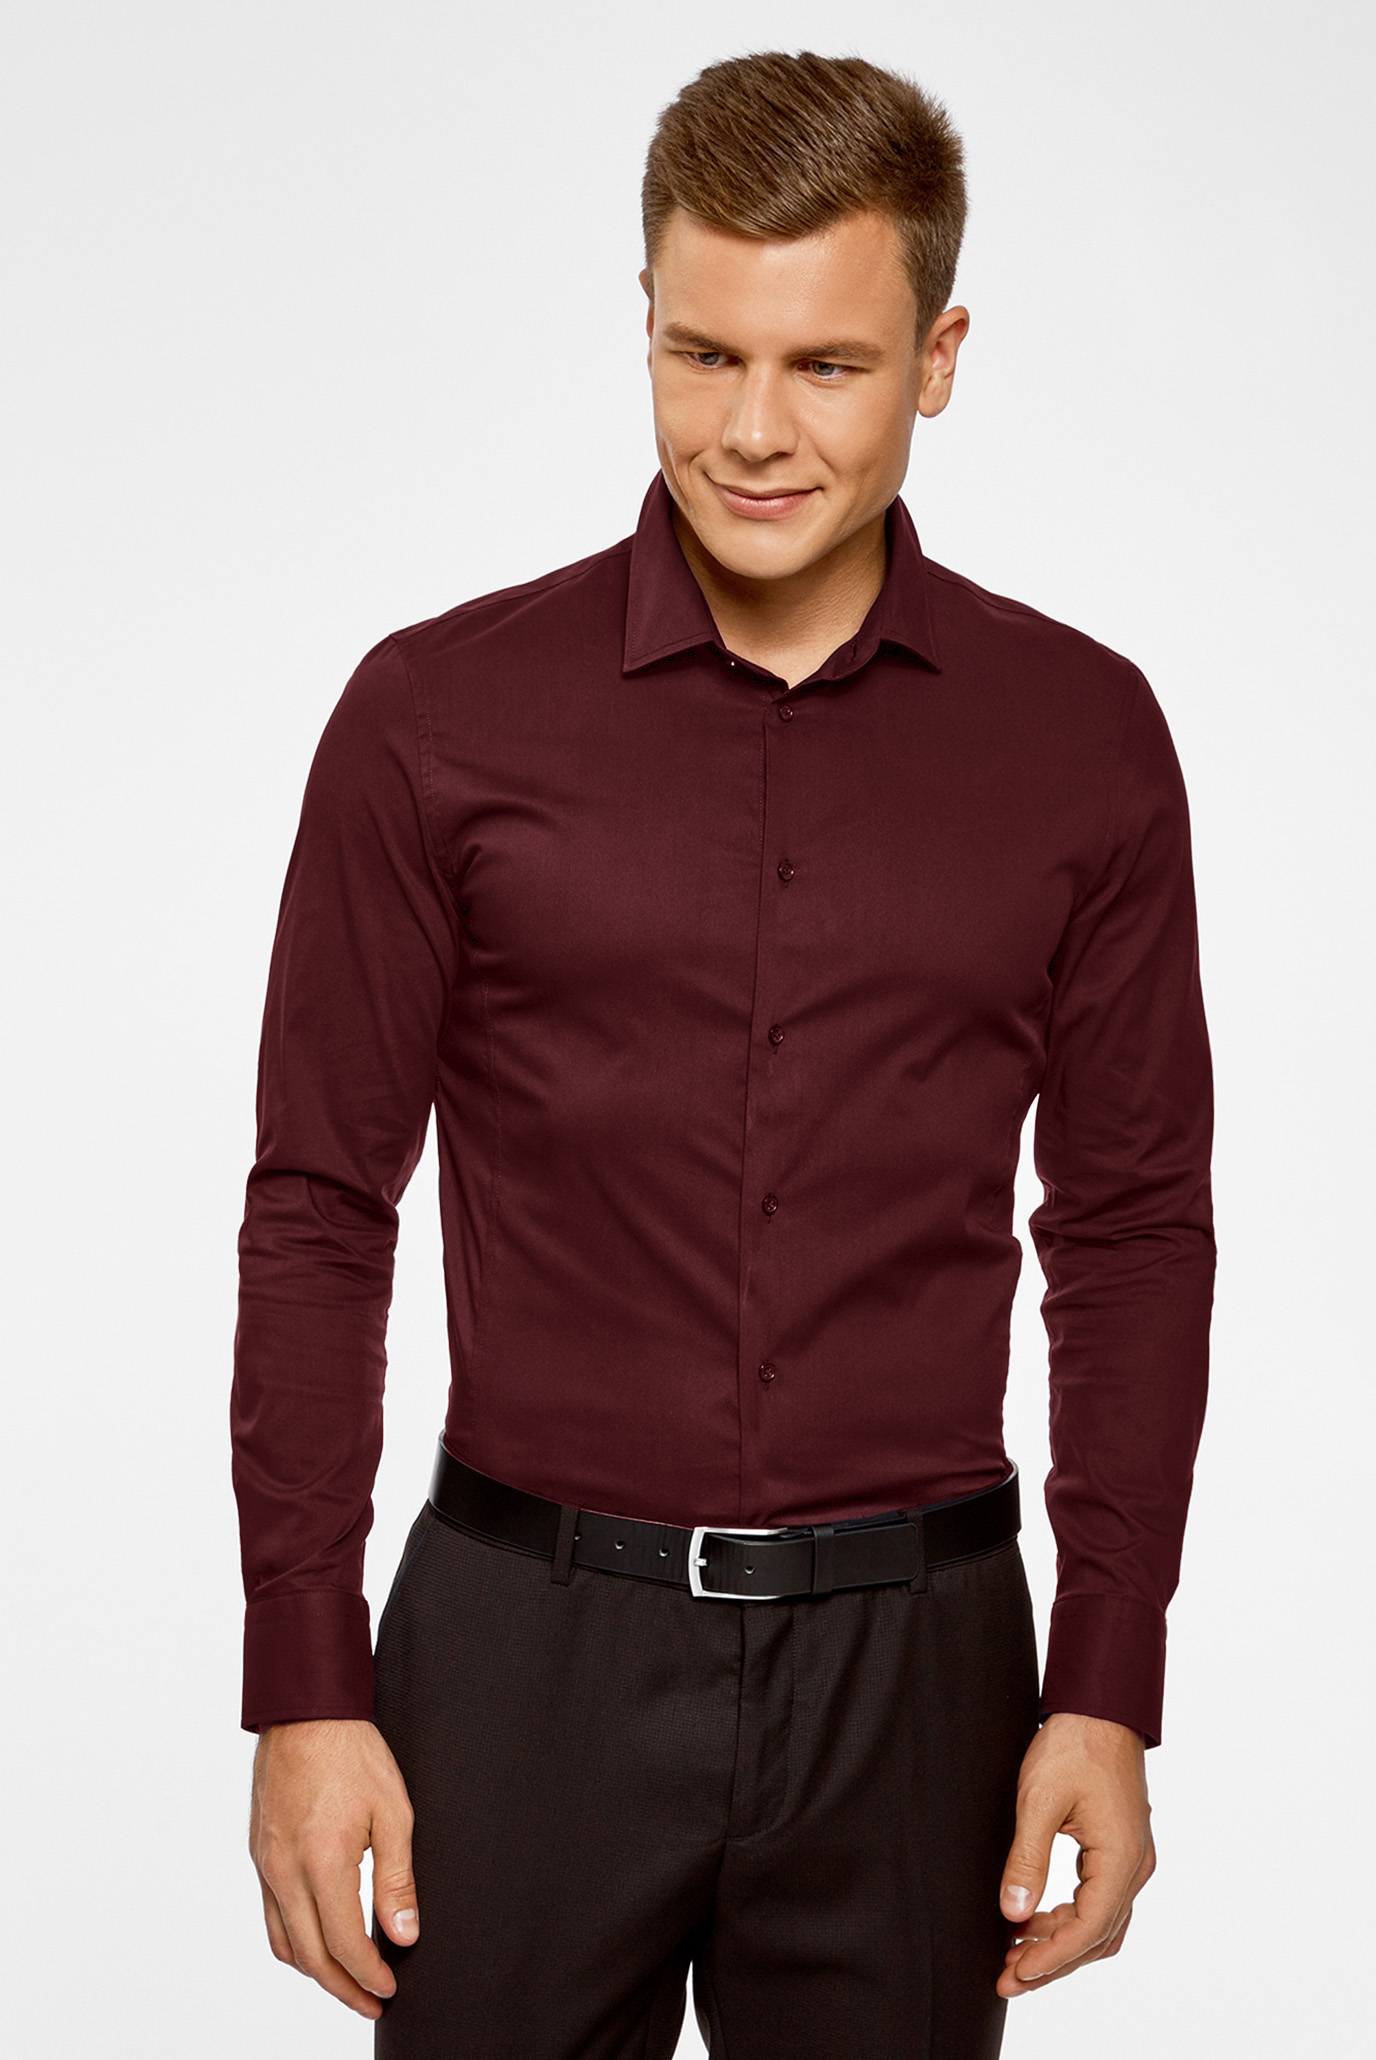 b12f555d901 Купить Мужская бордовая рубашка Oodji Oodji 3B140000M 34146N 4900N – Киев